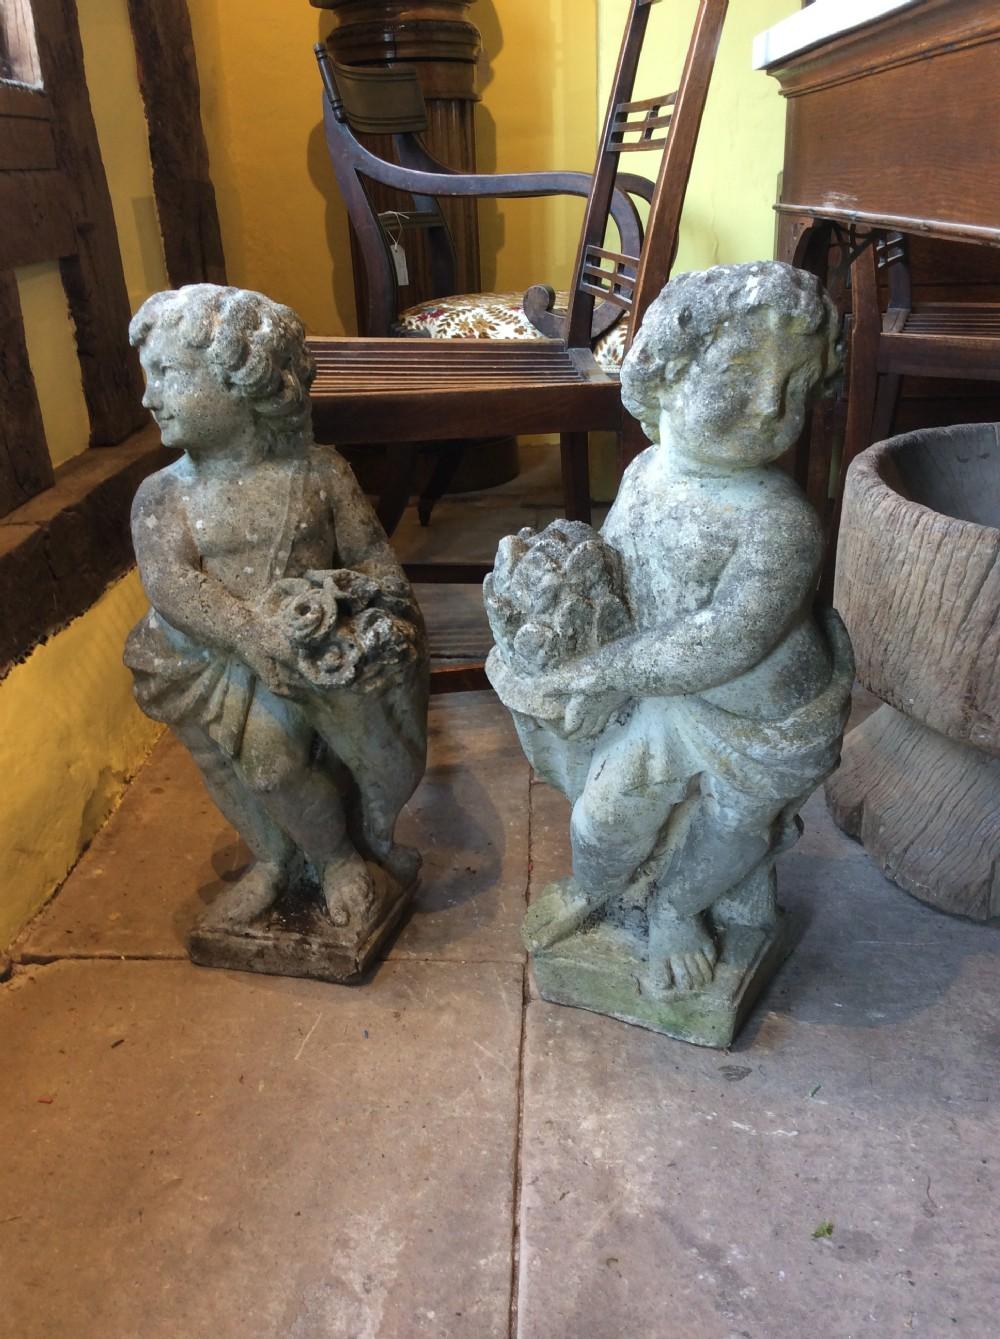 20thc pair of reconstituted stone figures